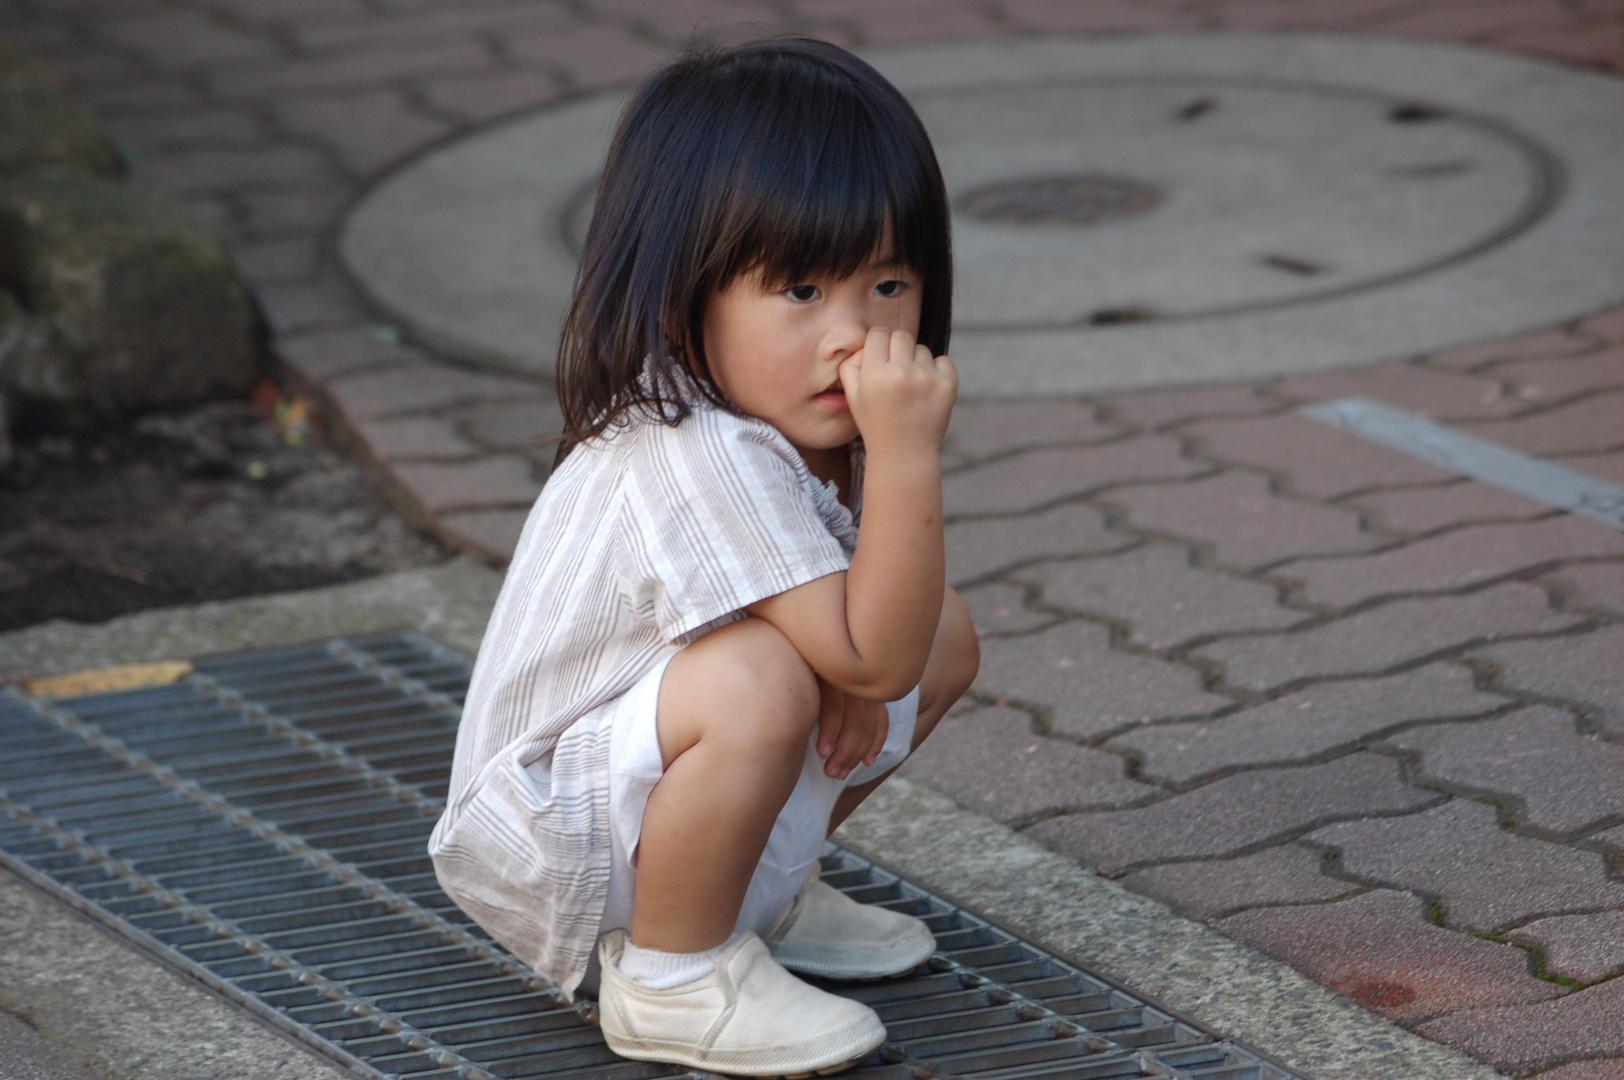 Kind in Tokyo